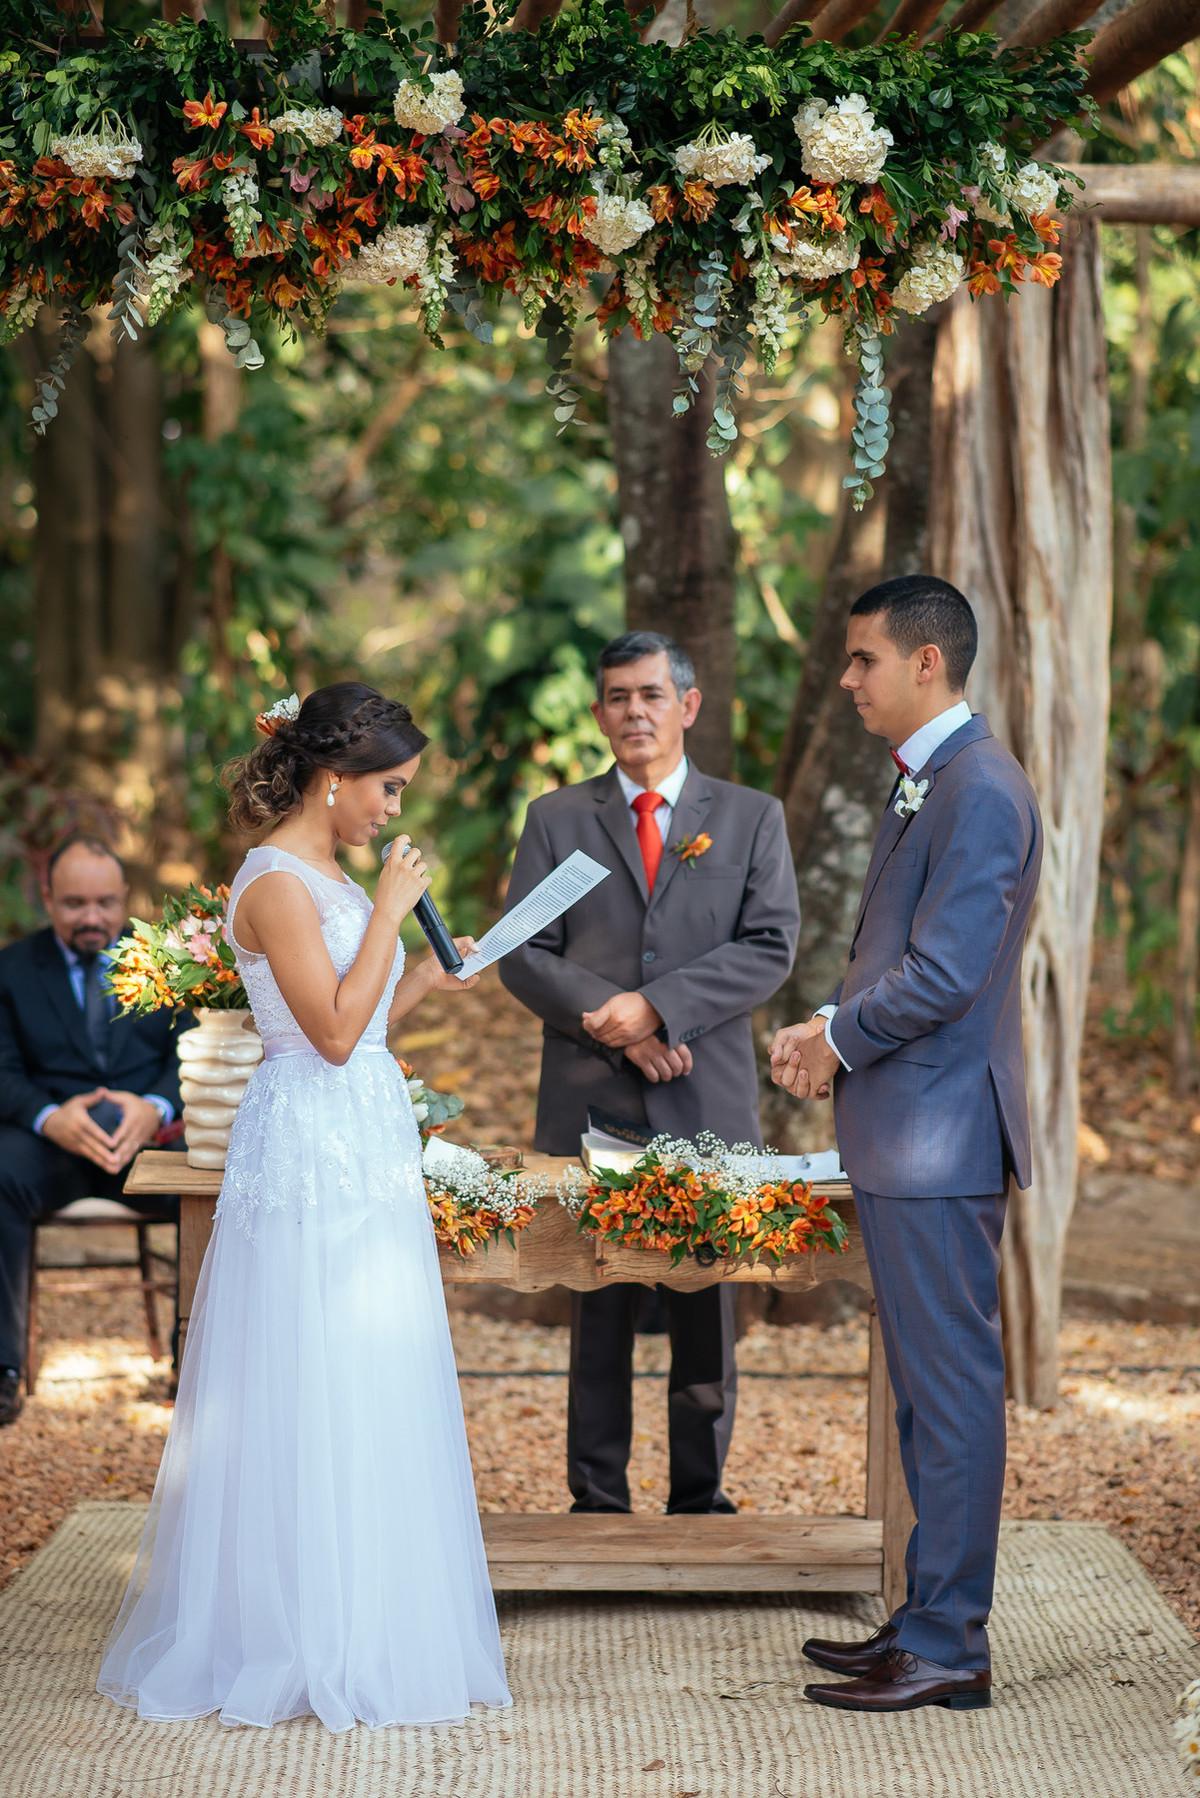 jaqueline melo fotografo de casamento em brasilia, fotografia de casamento em brasilia, decoração de casamento miss rocha, espaço florativa, casamento de dia, casamento rustico, votos de casamento